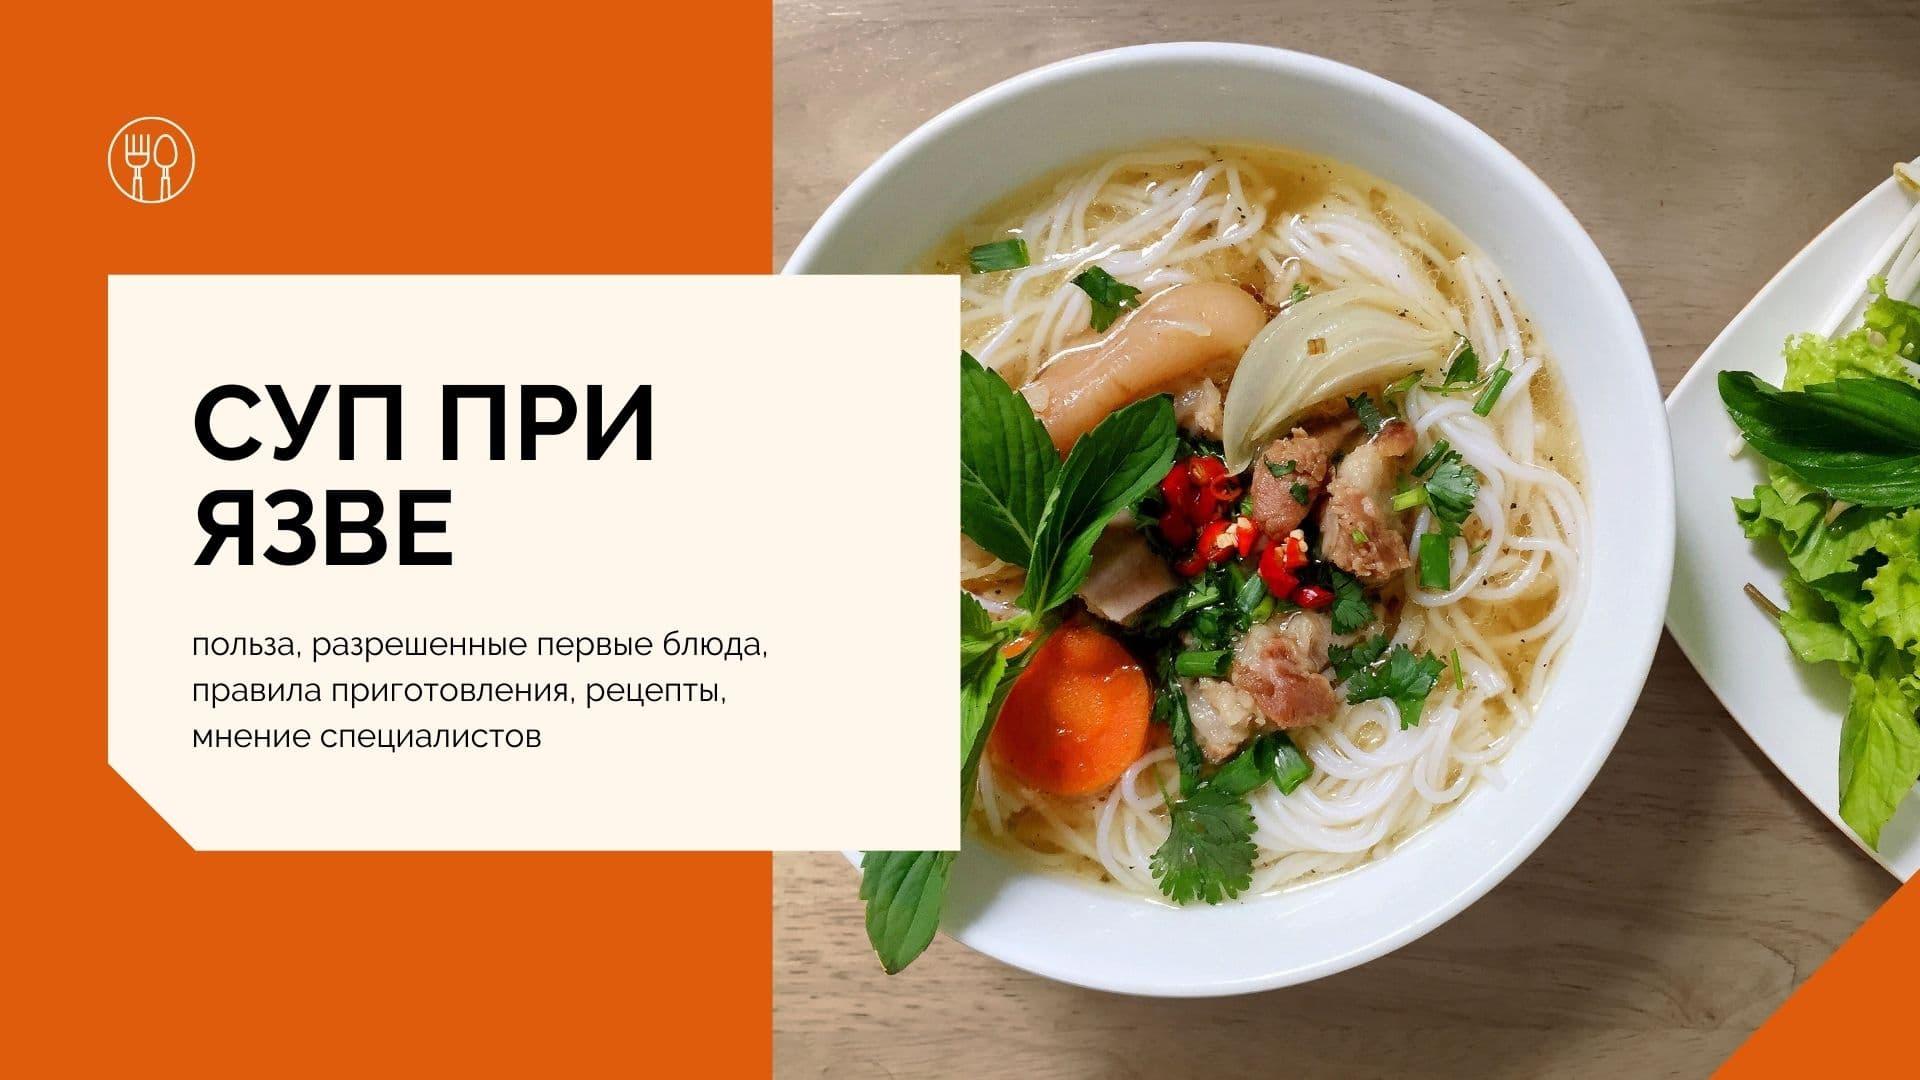 Суп при язве: польза, разрешенные первые блюда, правила приготовления, рецепты, мнение специалистов